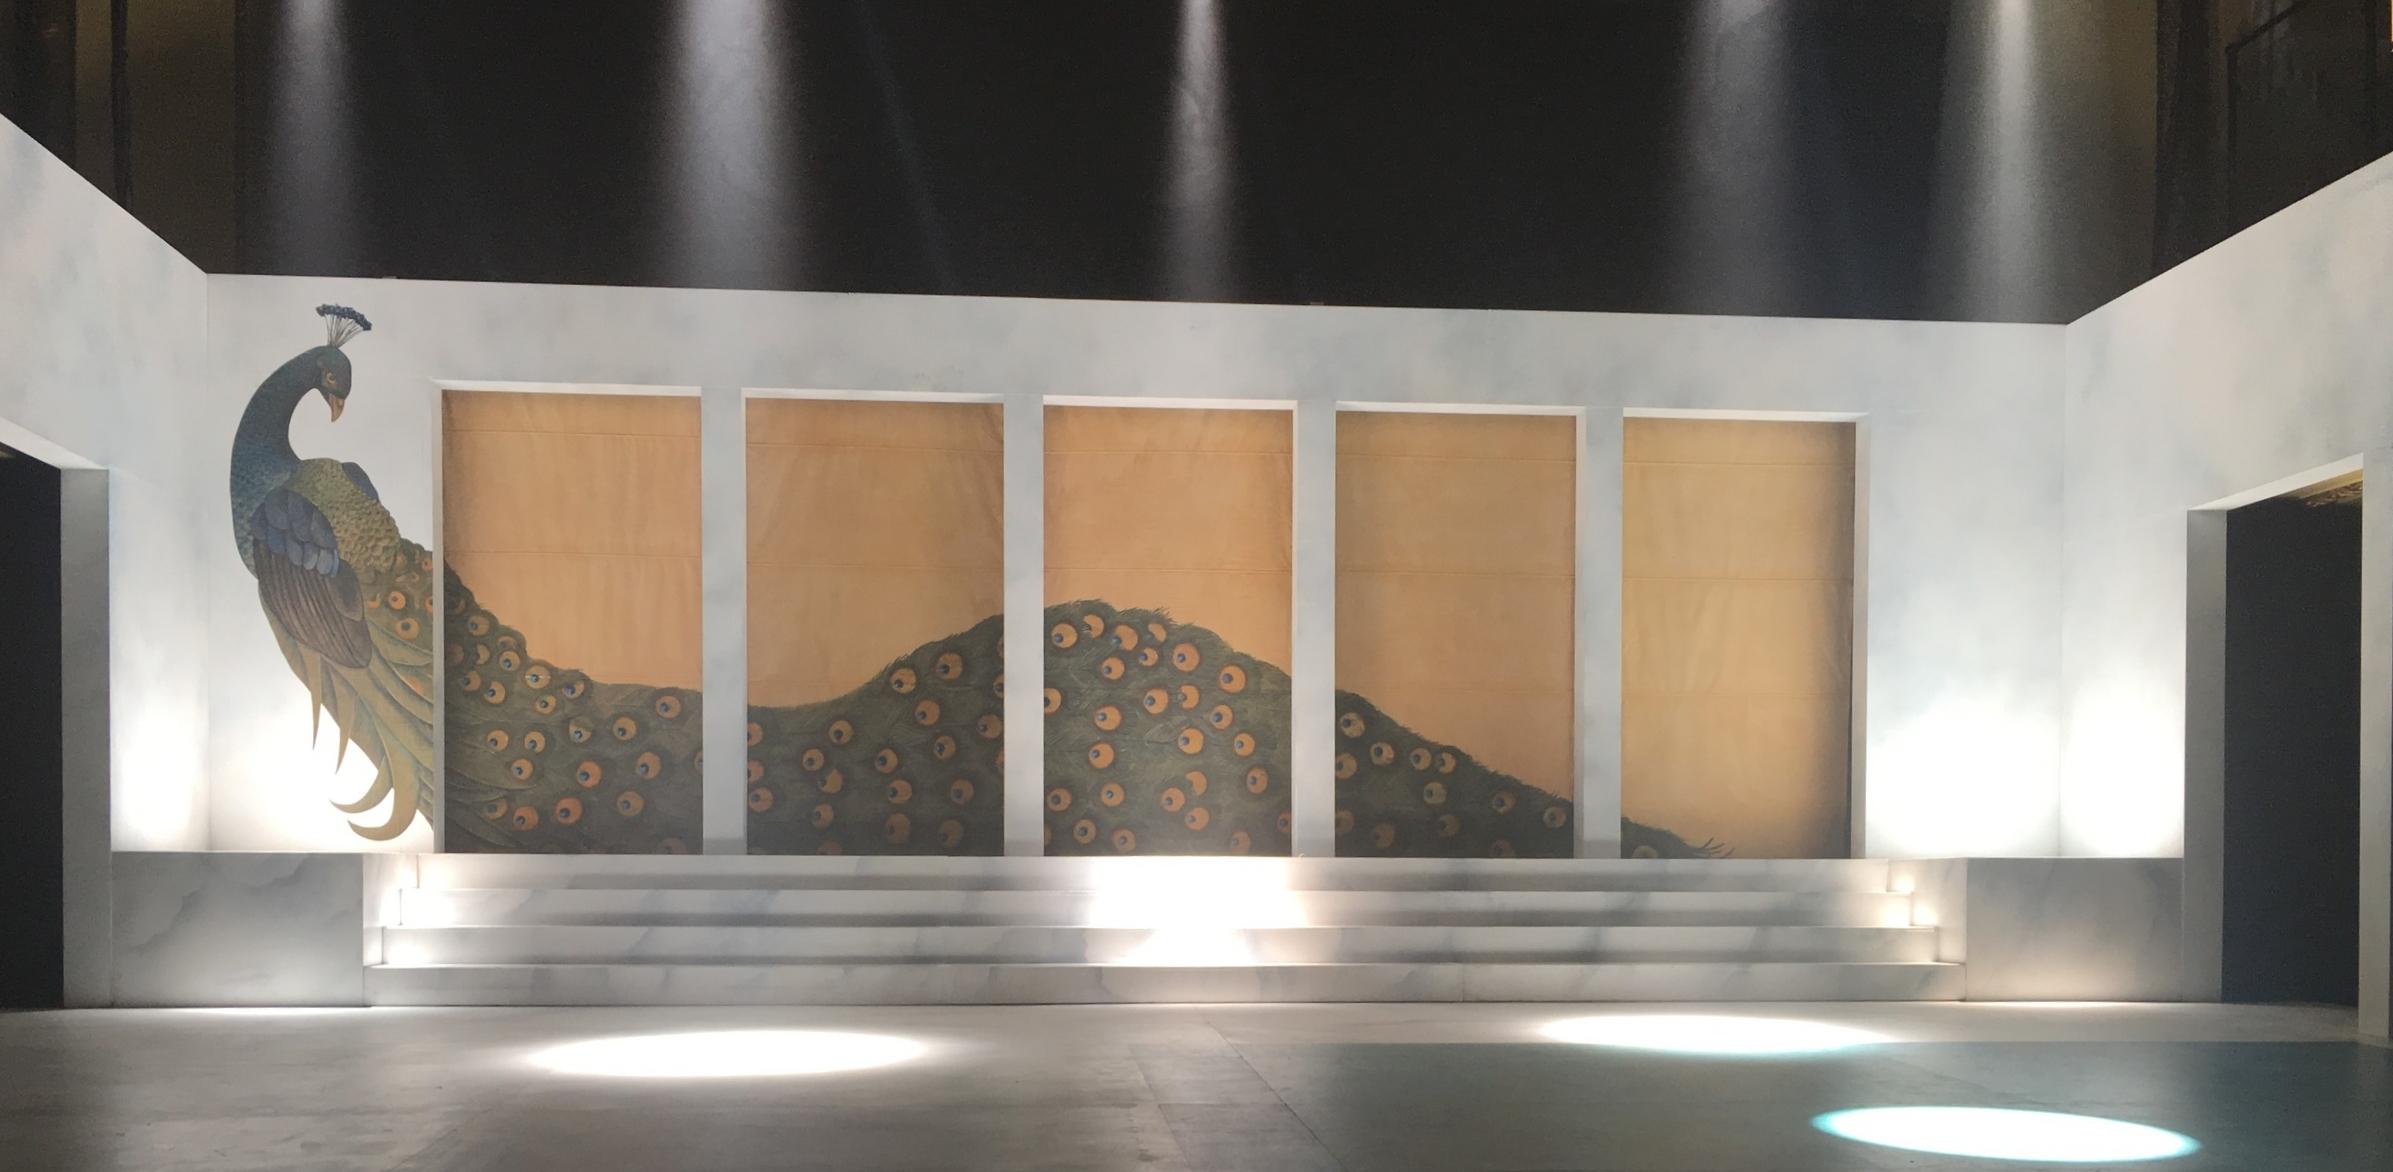 L'incoronazione di Poppea, Royal Academy Opera